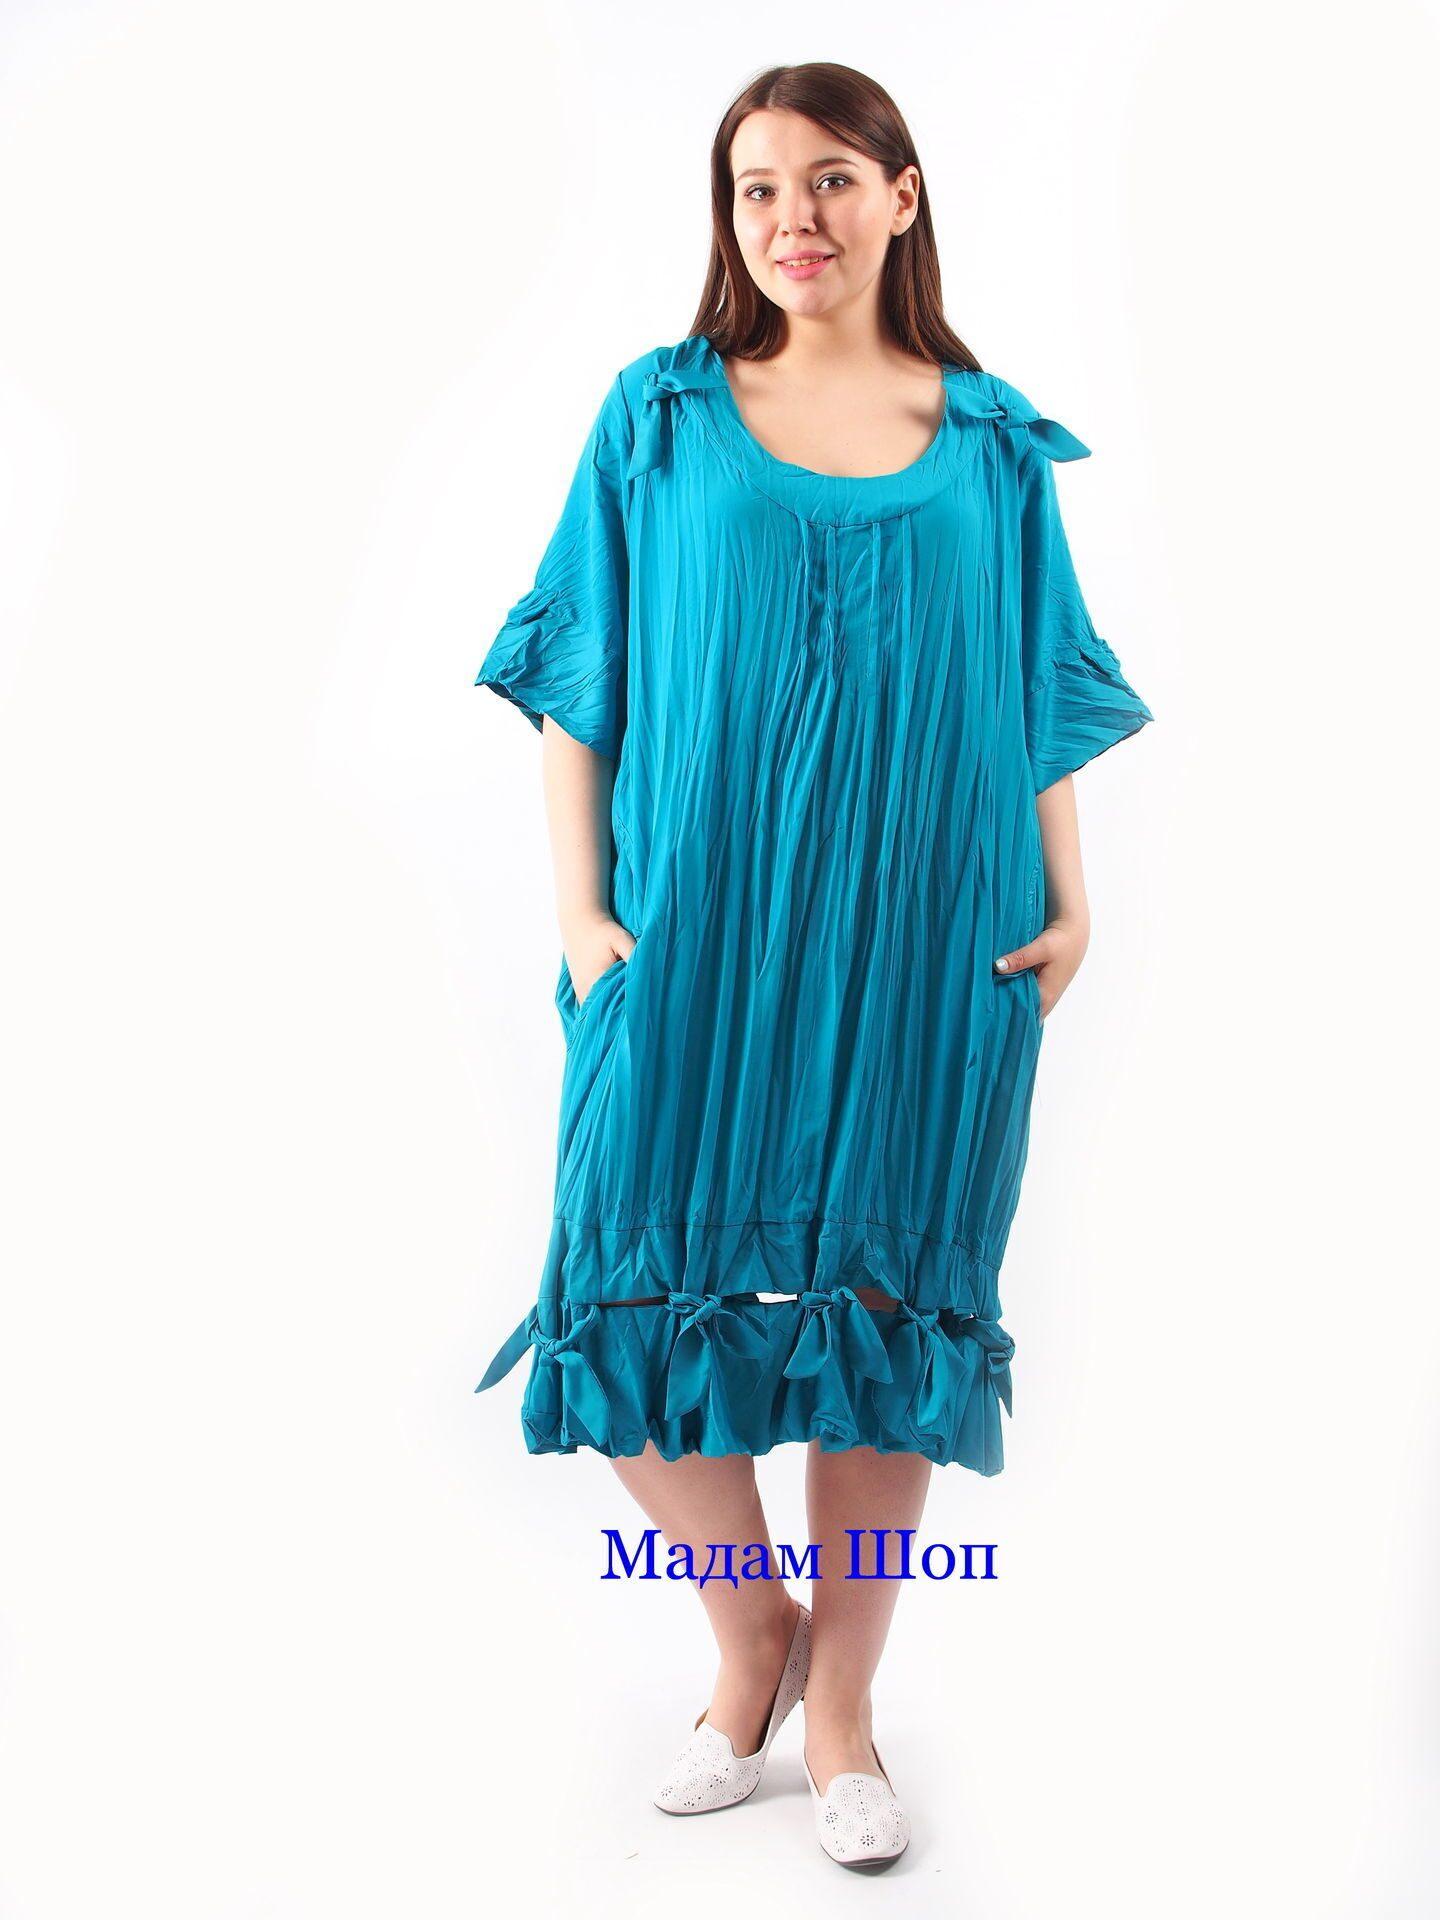 Купить Летнюю Одежду Больших Размеров Доставка